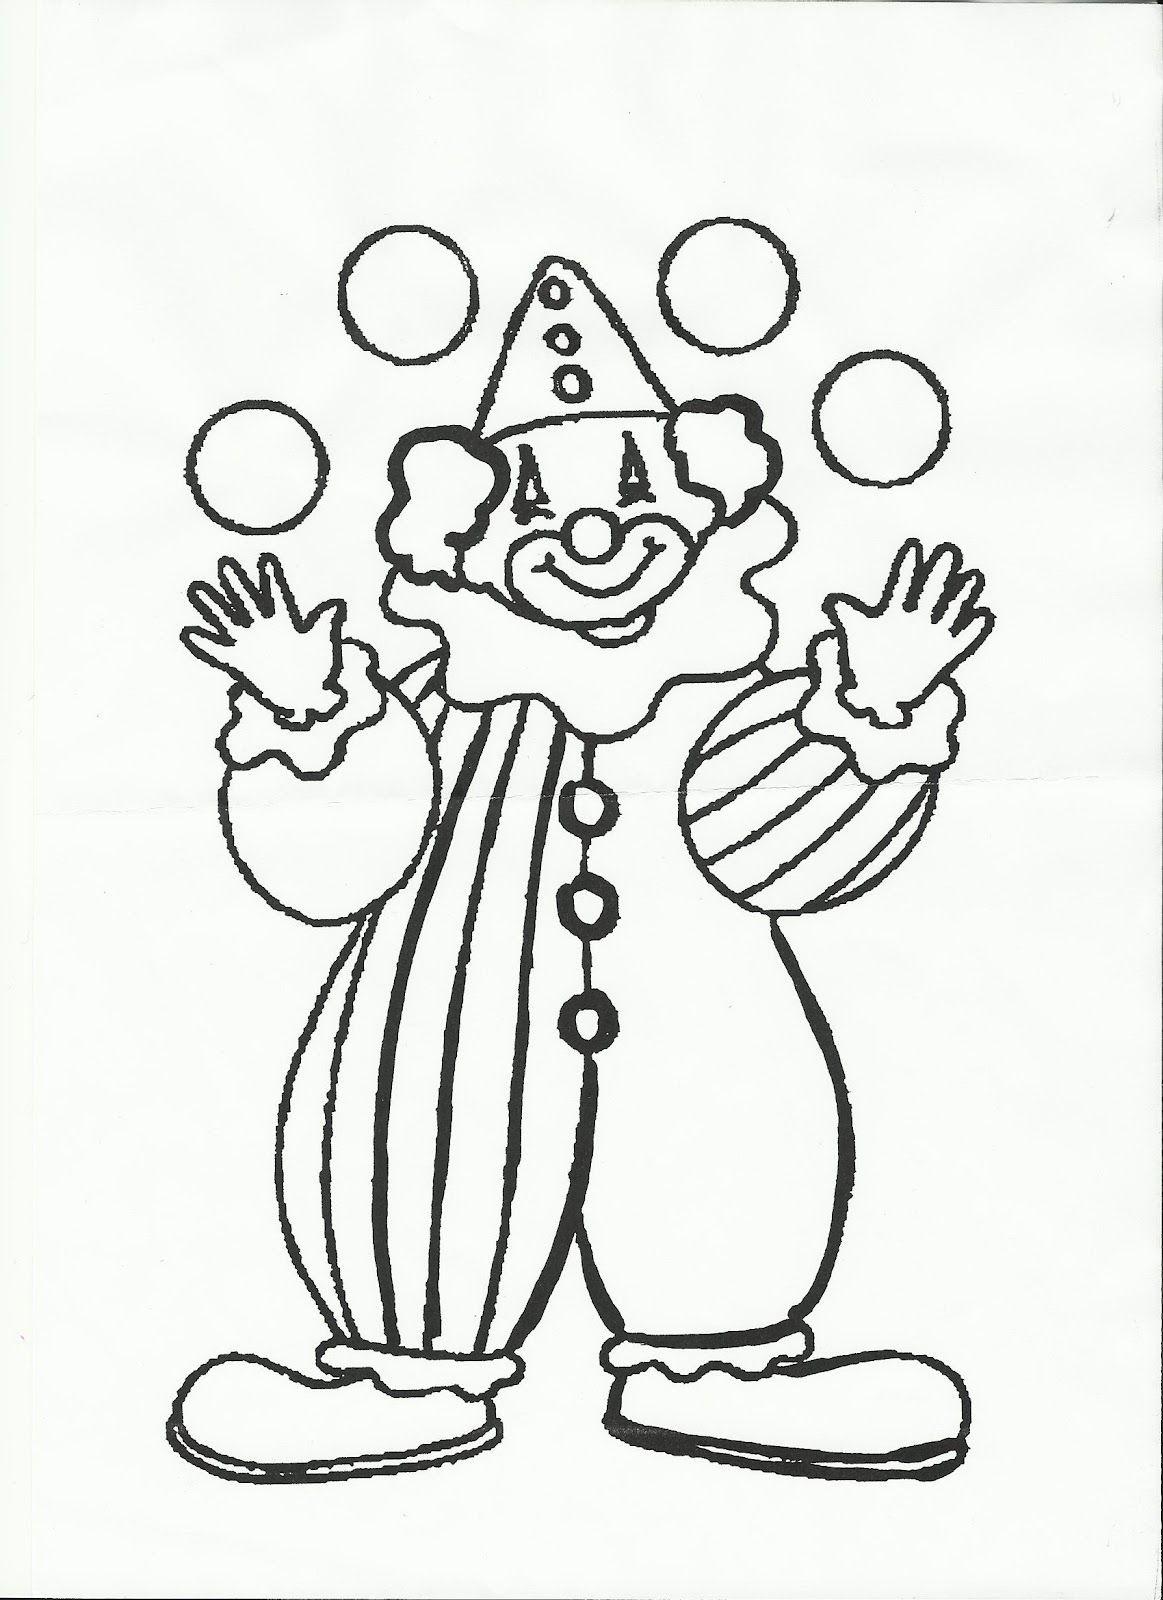 ΑΠΟΚΡΙΑΤΙΚΑ ΚΟΛΛΑΖ! (With images) Clown crafts